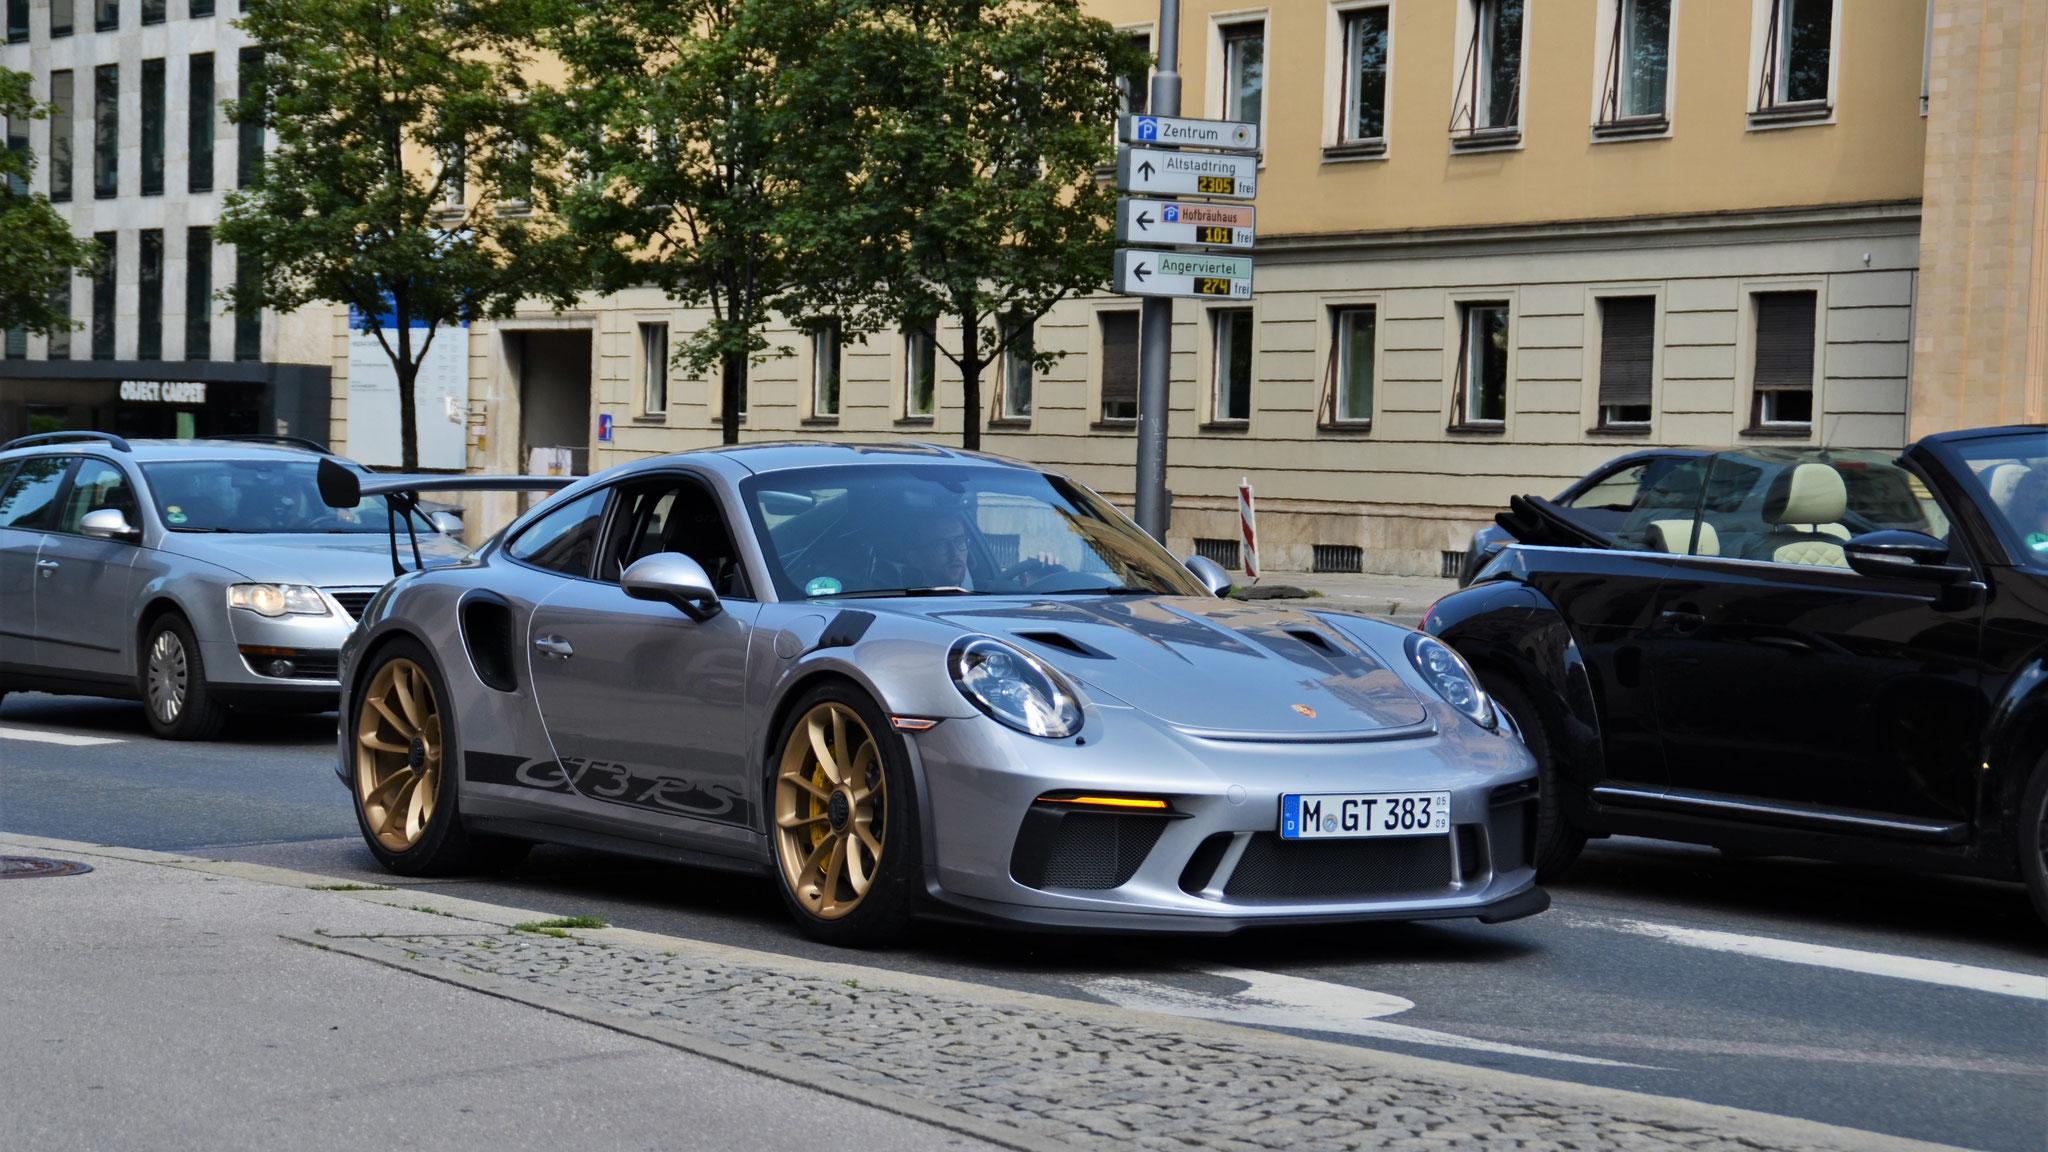 Porsche 911 991.2 GT3 RS - M-GT-383